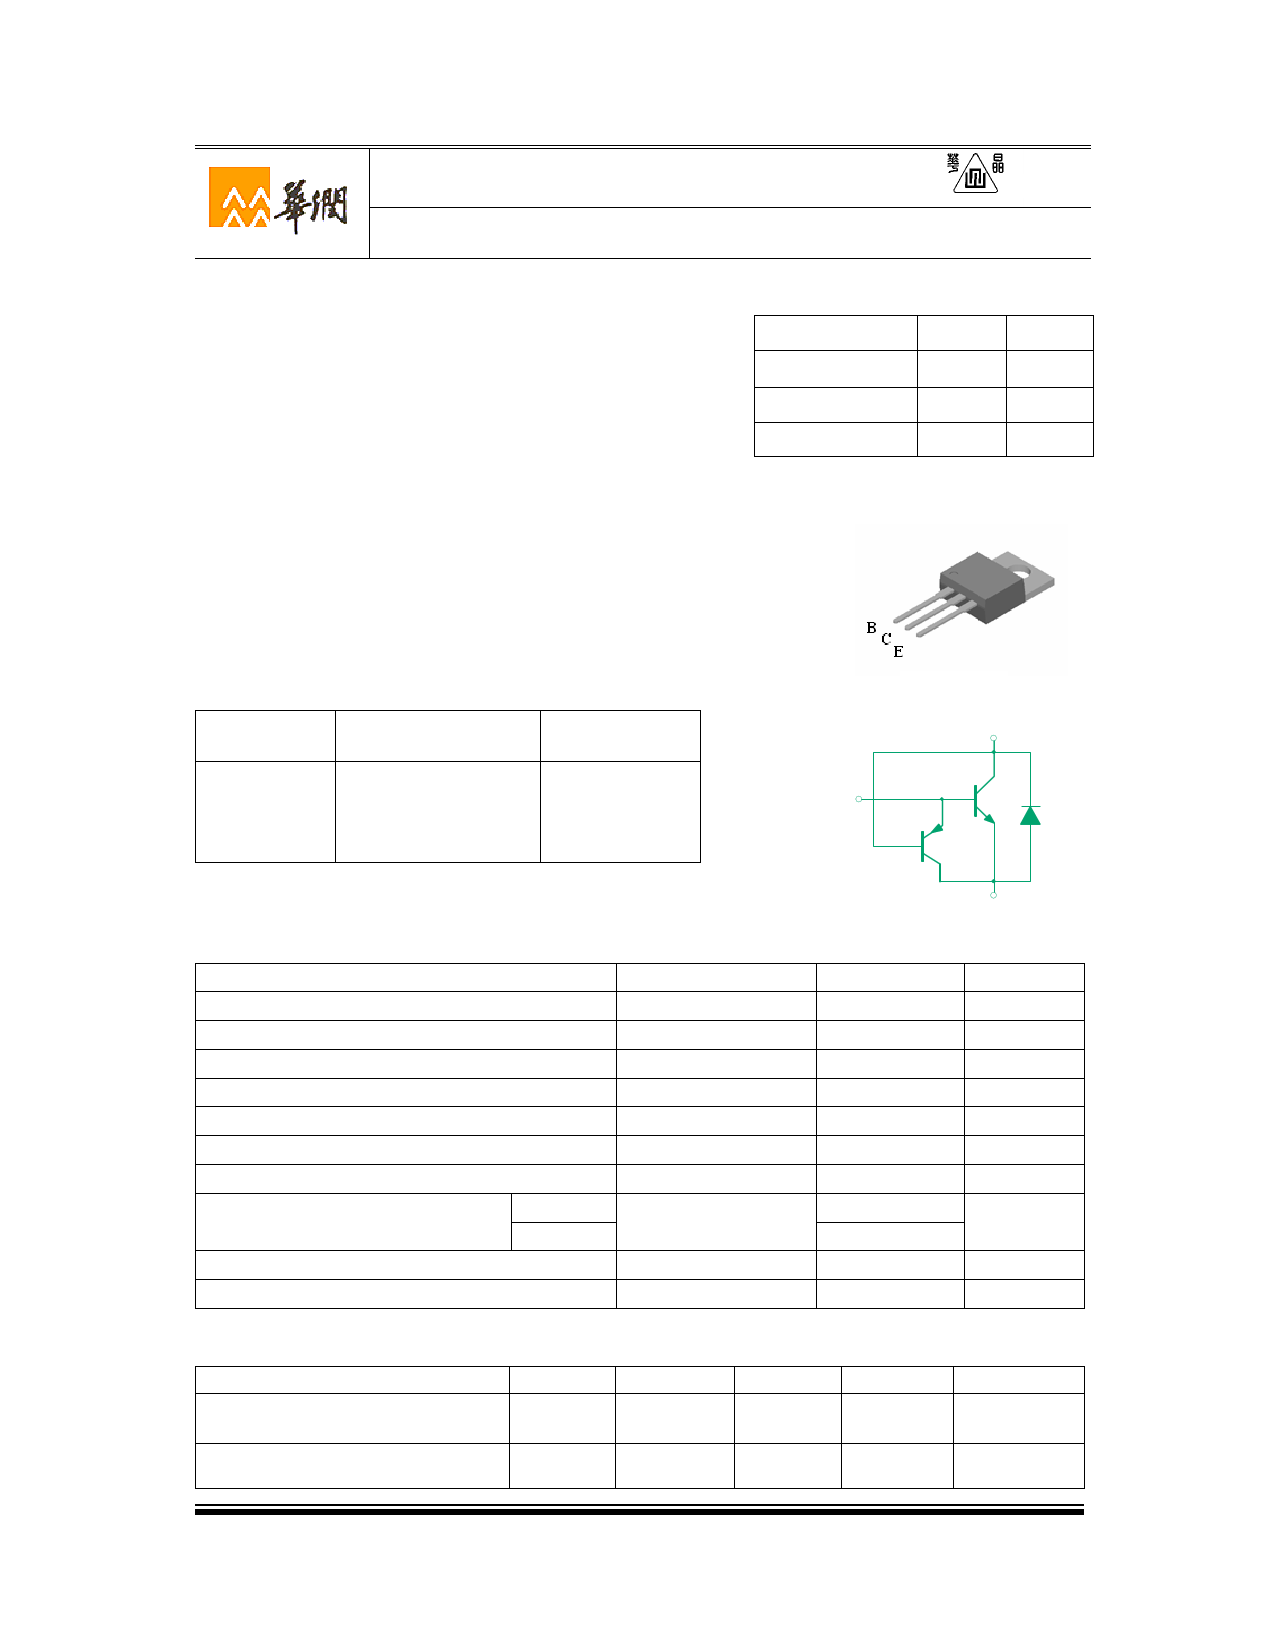 3DD13009X8D Datasheet, 3DD13009X8D PDF,ピン配置, 機能